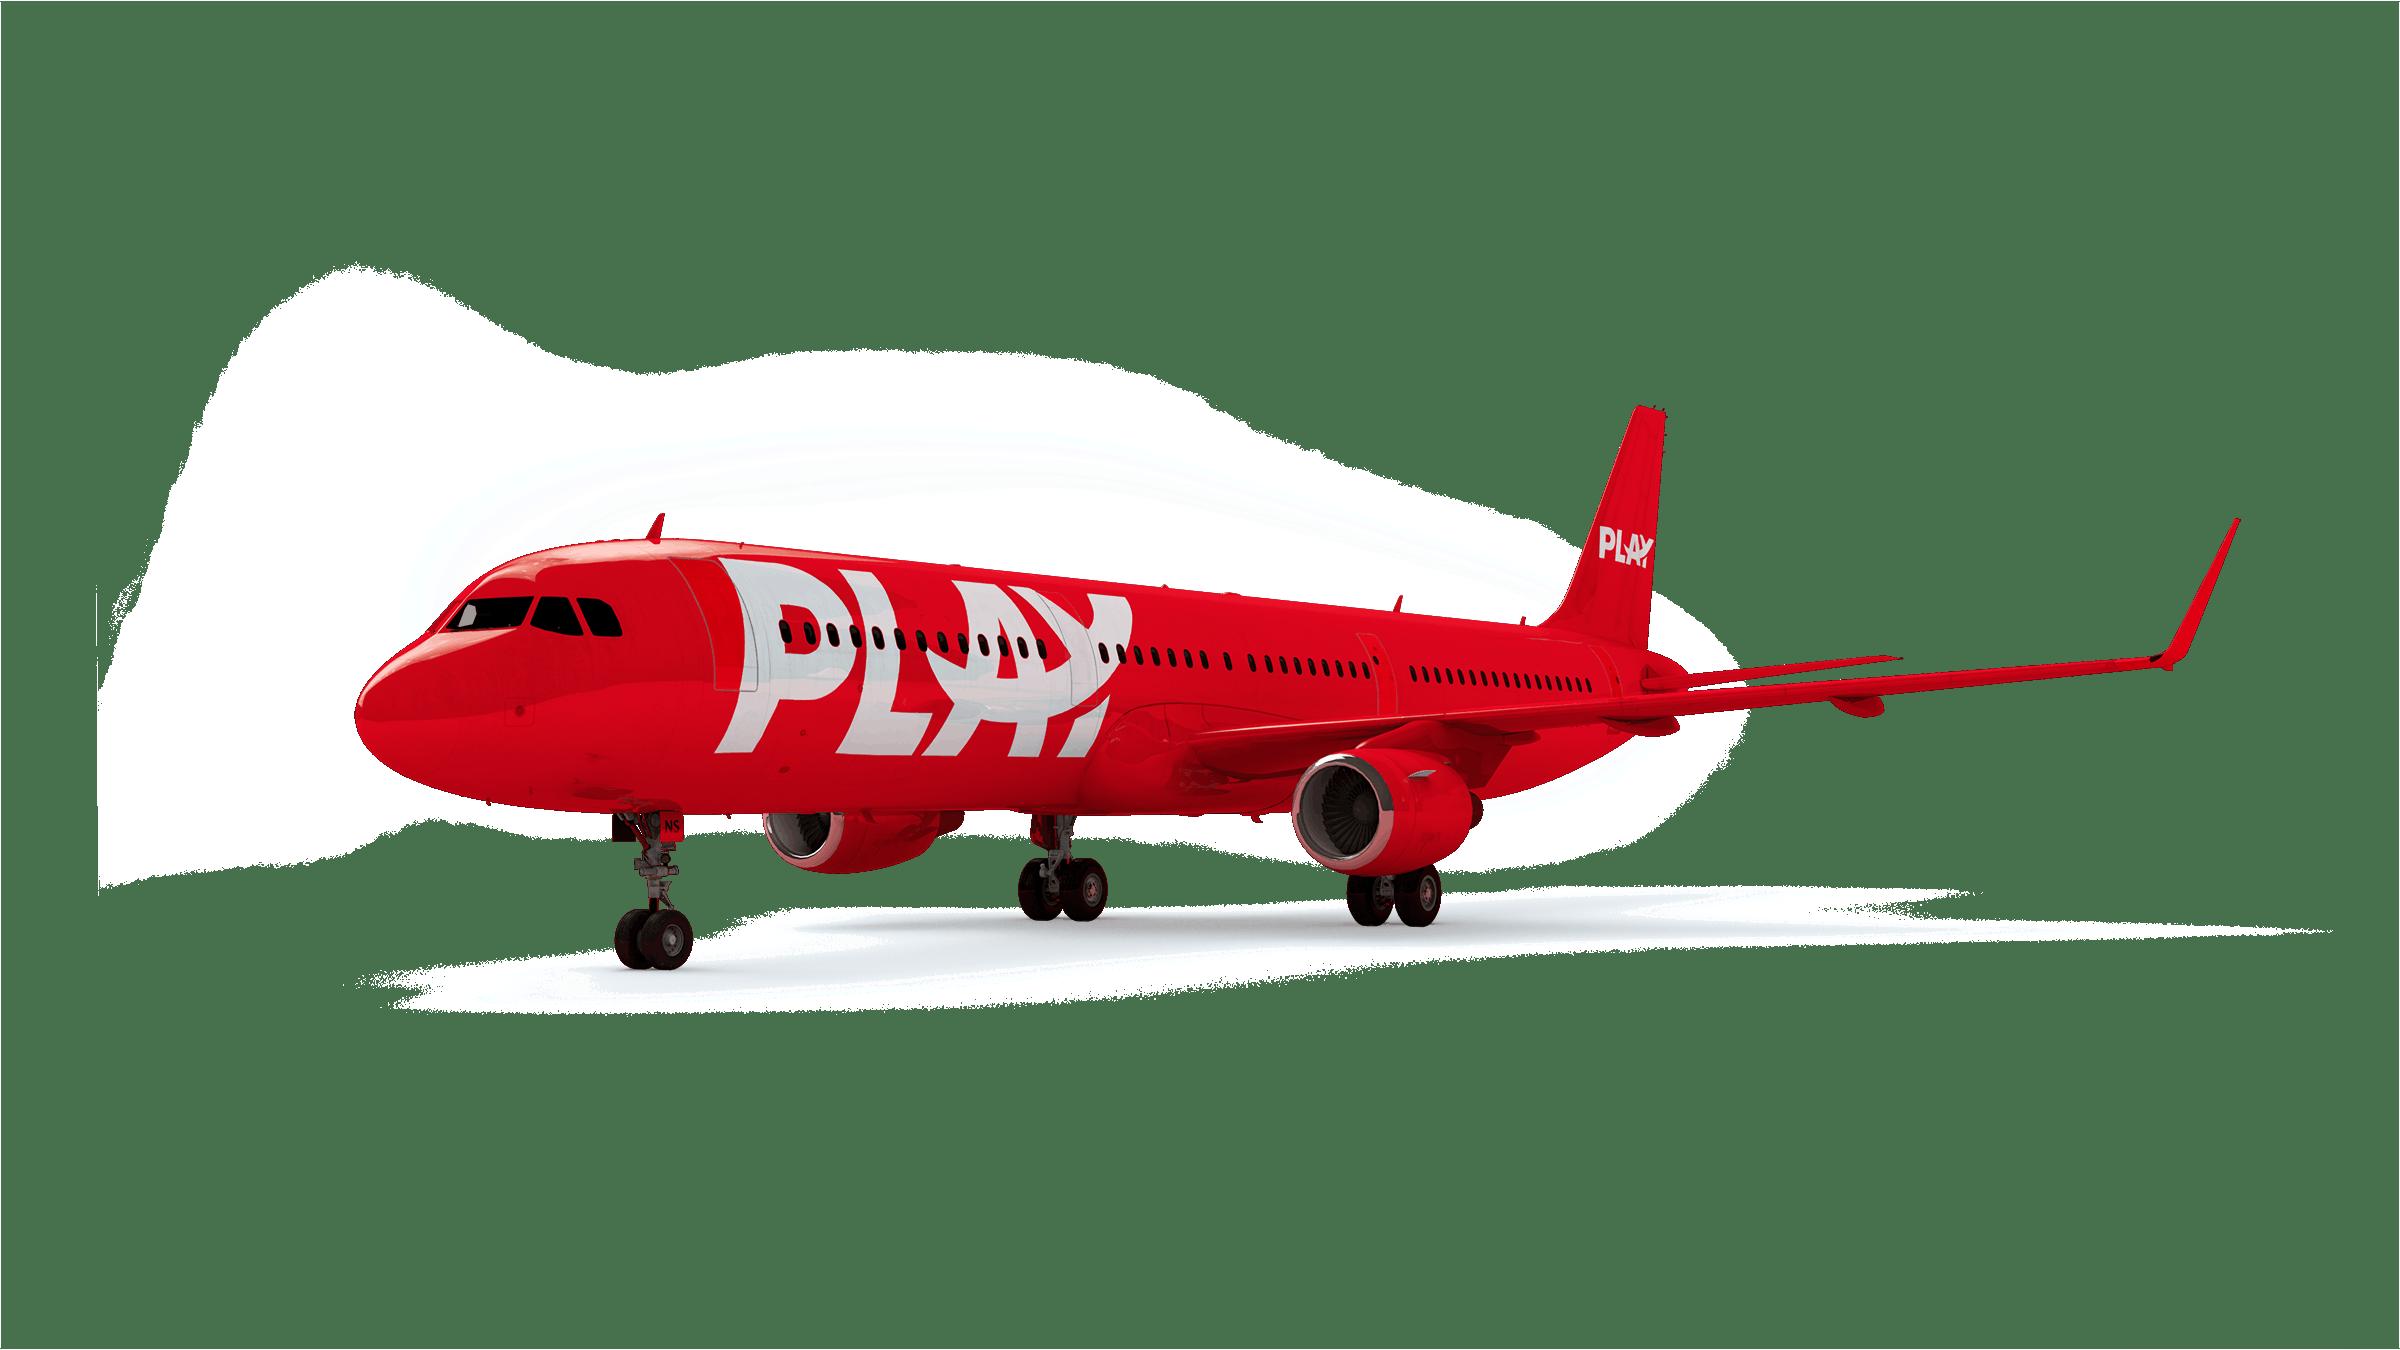 Záletník 24 aneb novinky ze světa letectví a cestování